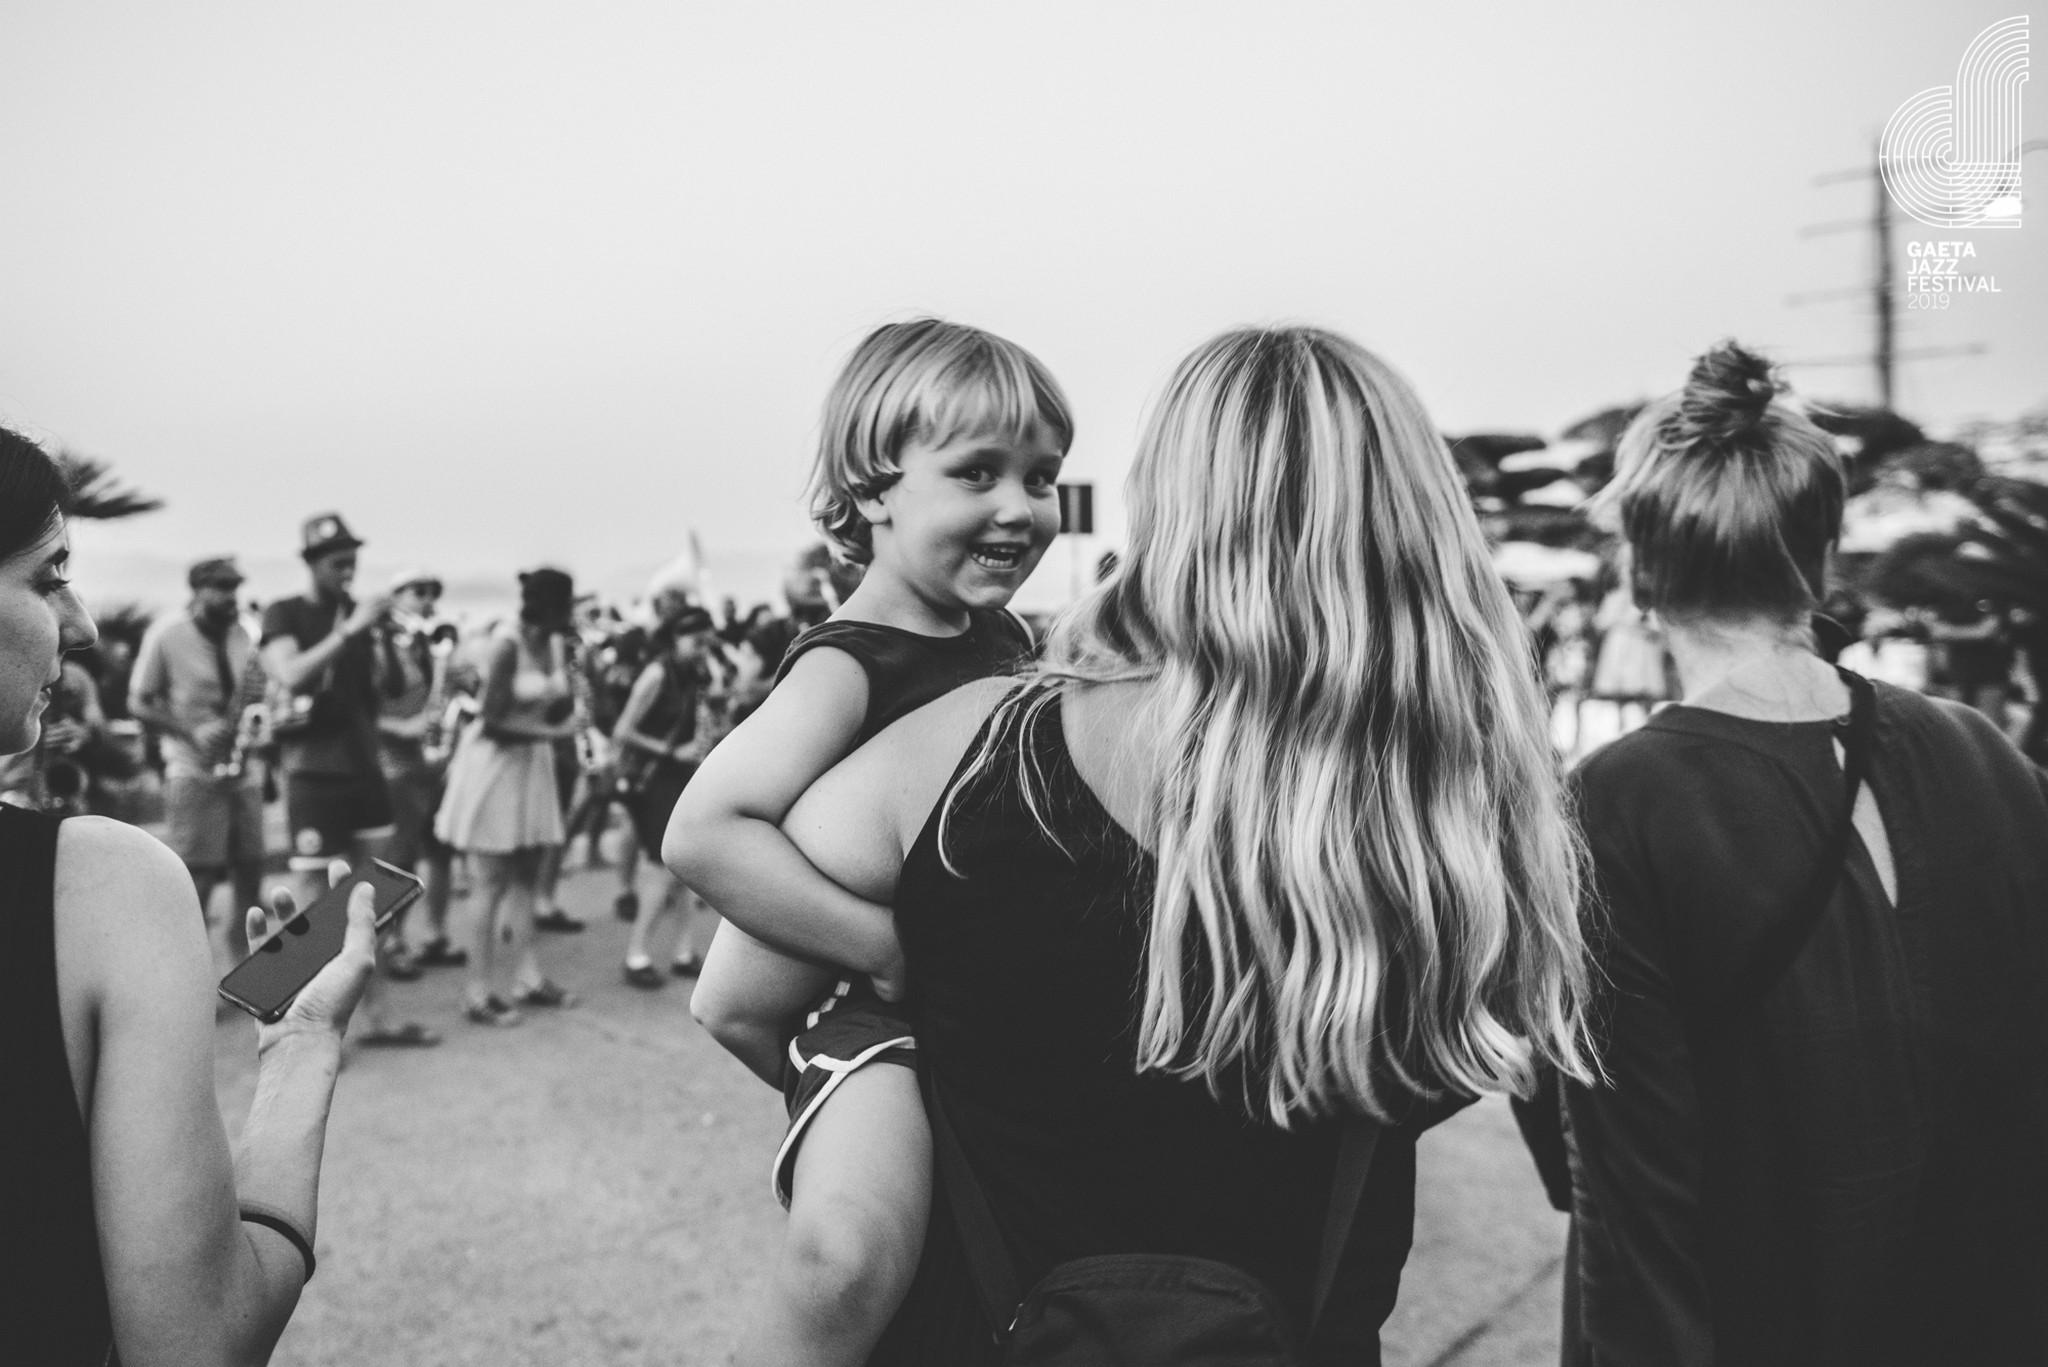 Flavia_Fiengo_Gaeta_Jazz_Festival_live_2019__00035